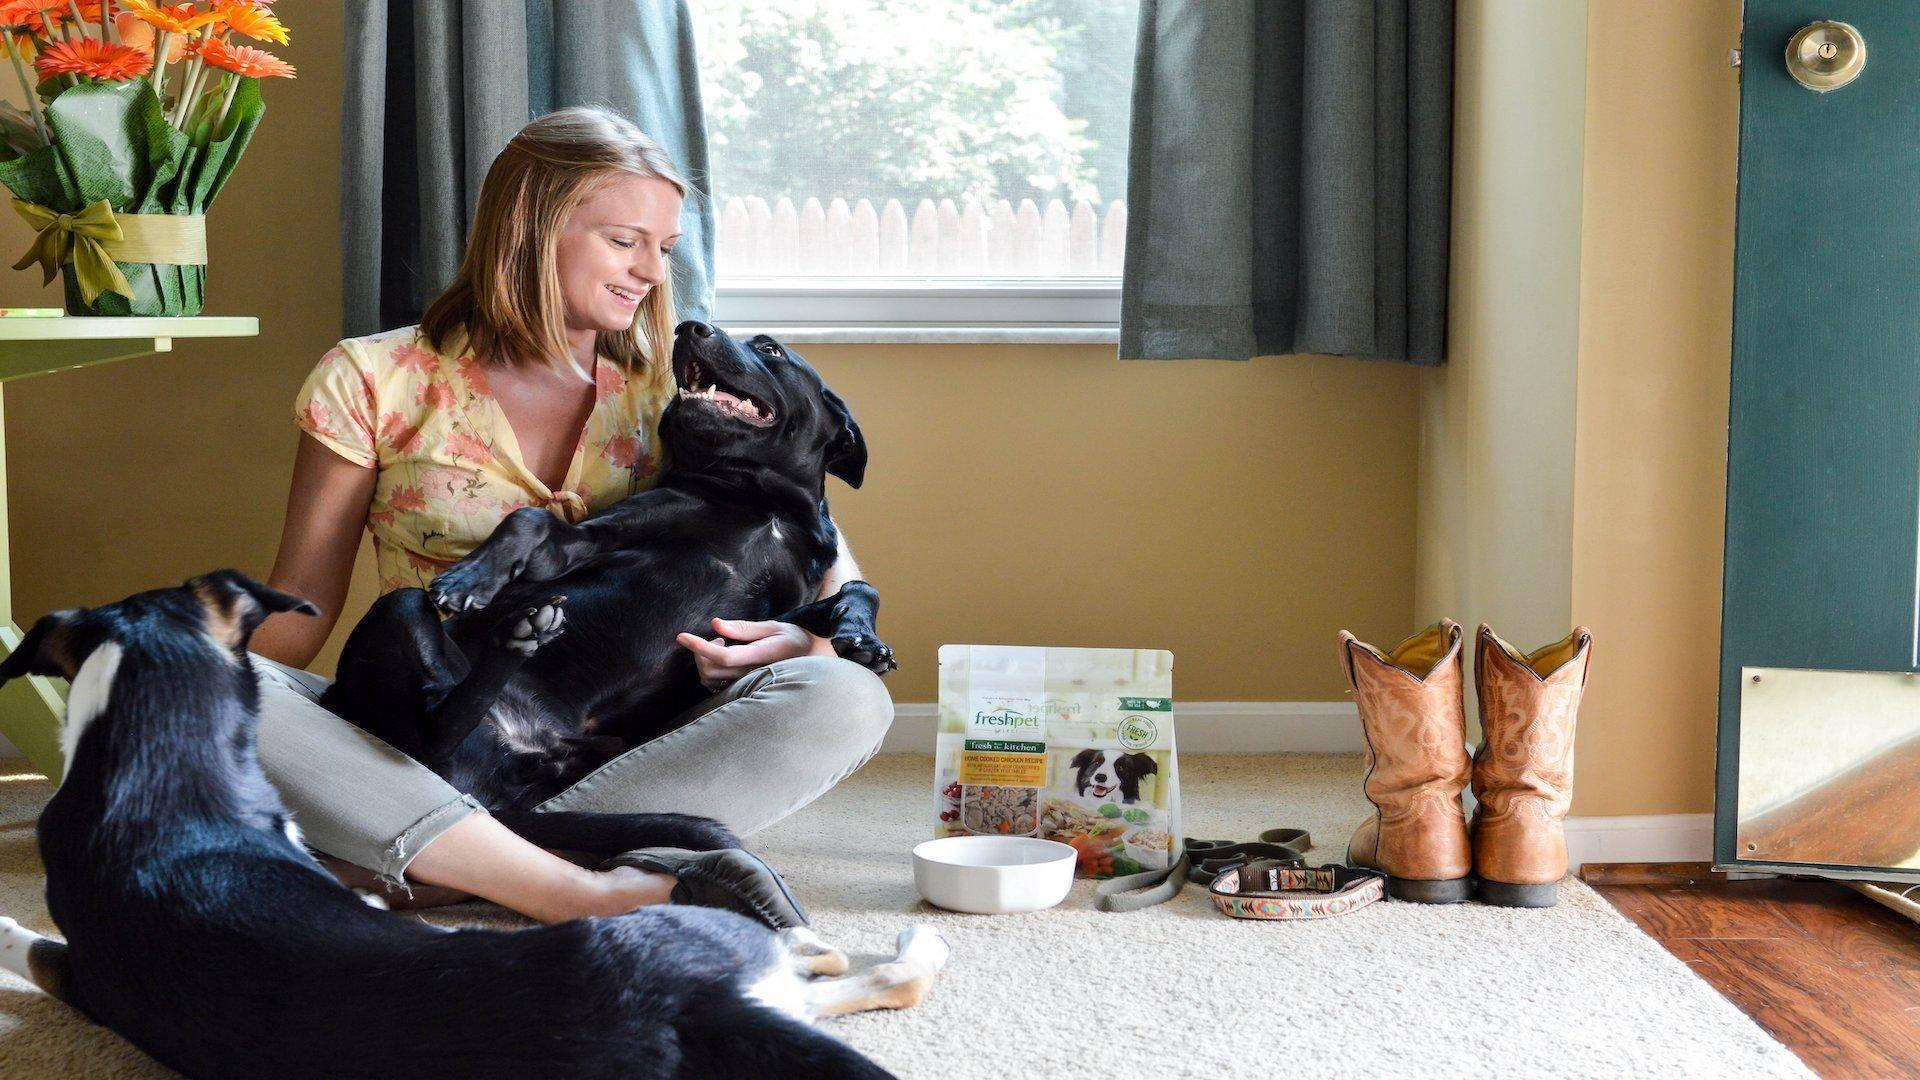 【亿欧智库】宠物鲜粮先驱者——Freshpet 企业案例研究